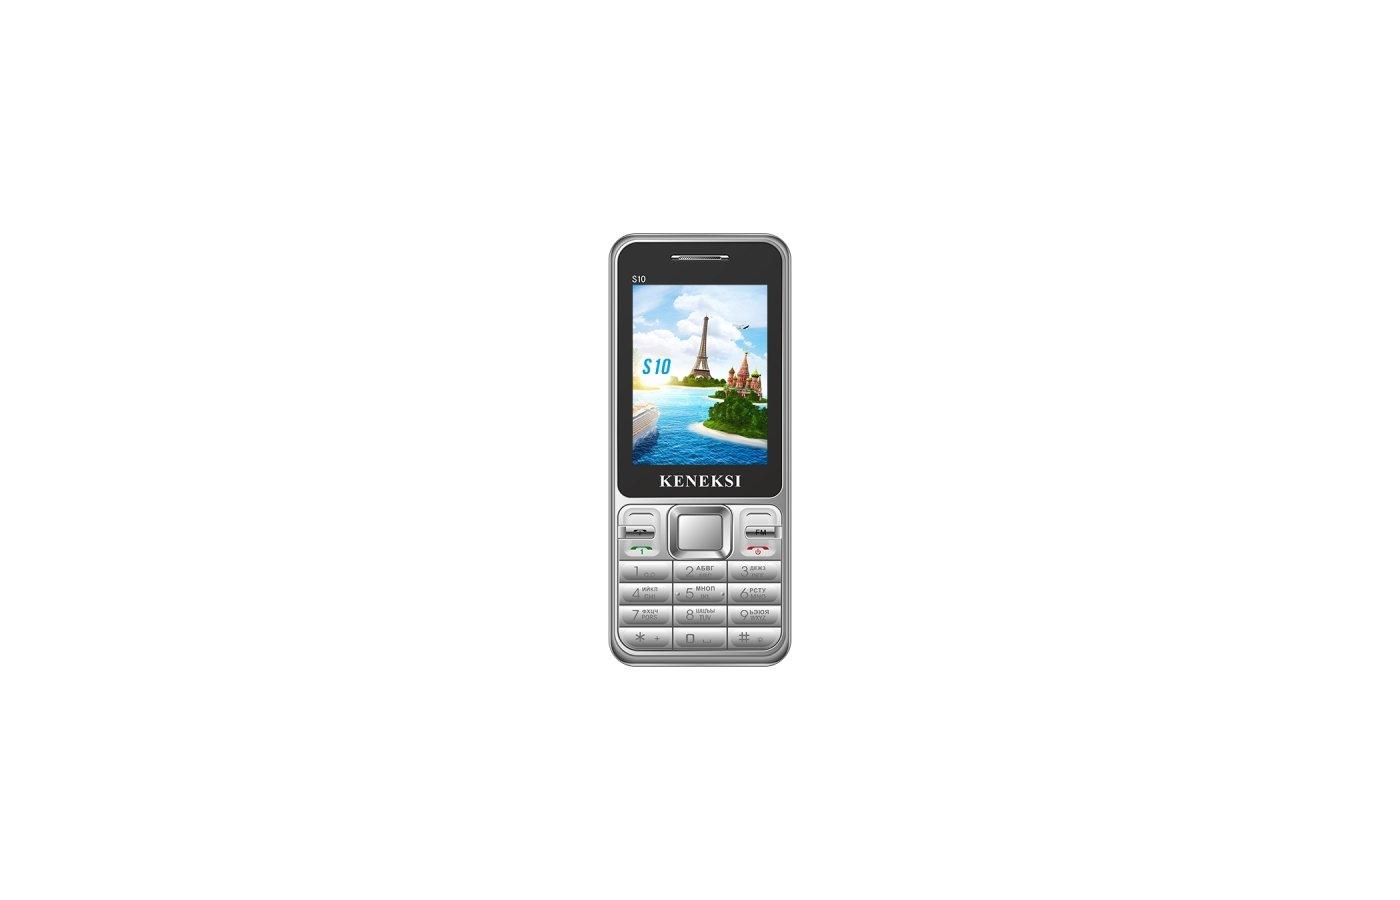 Мобильный телефон KENEKSI S10 Silver - купить Мобильный телефон Кенекси в интернет-магазине техники RBT.ru. Цены, отзывы,характе